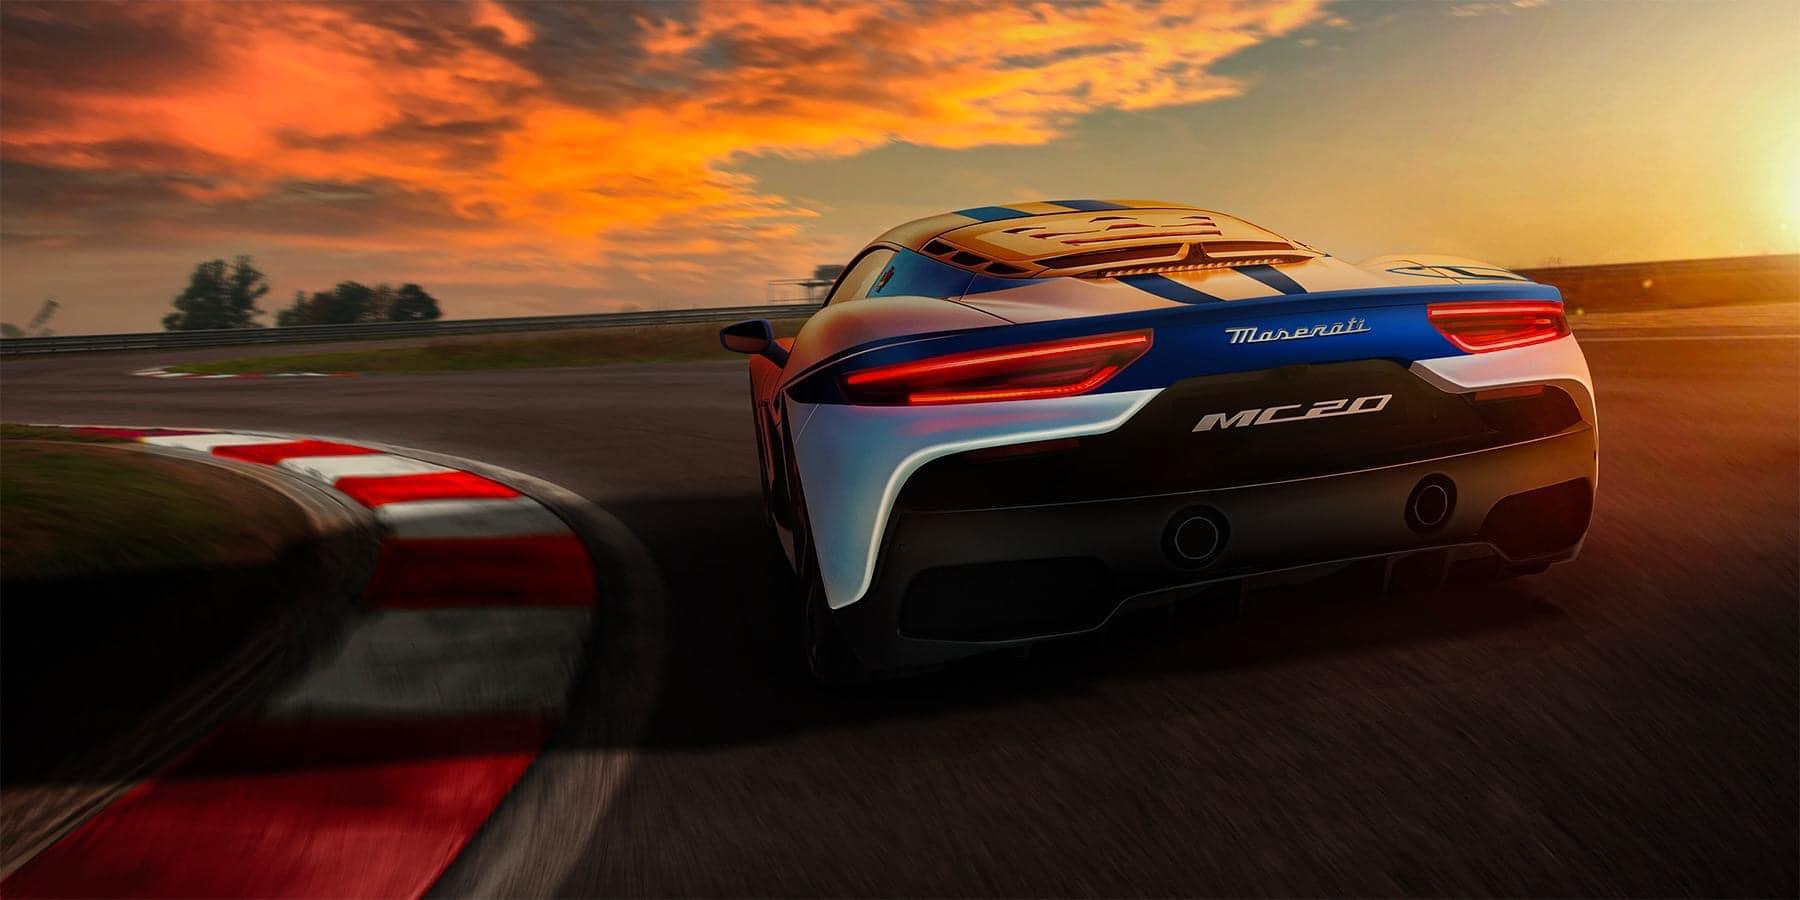 Maserati MC20 2022 Mẫu Siêu Xe Thể Thao 2 Cửa Động Cơ 3.0 V6